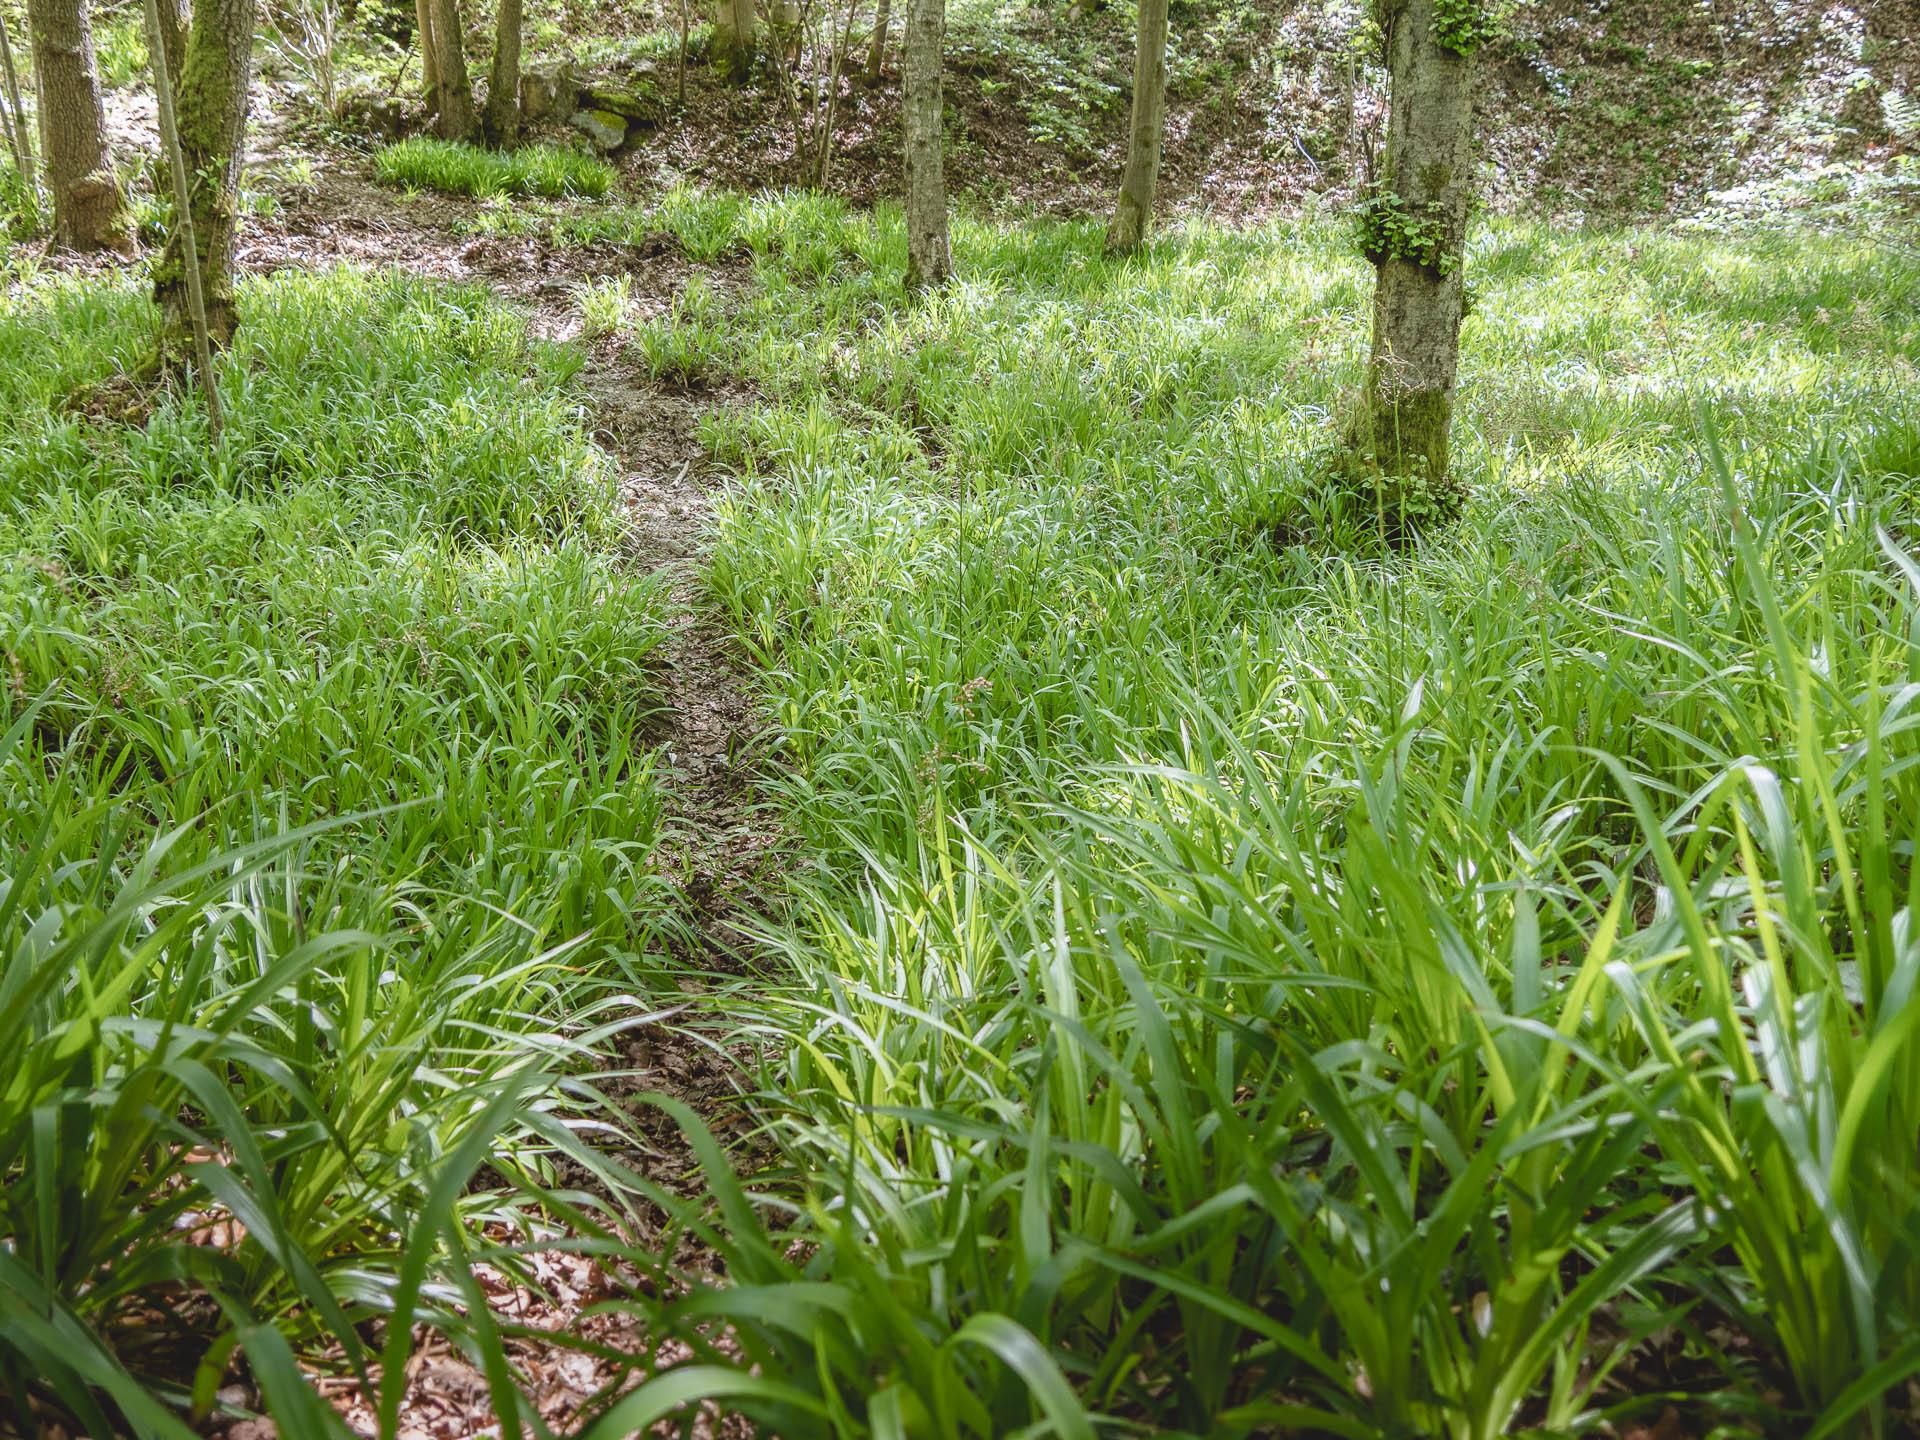 Ninglinspo herbe chemin - Les globe blogueurs - blog voyage nature